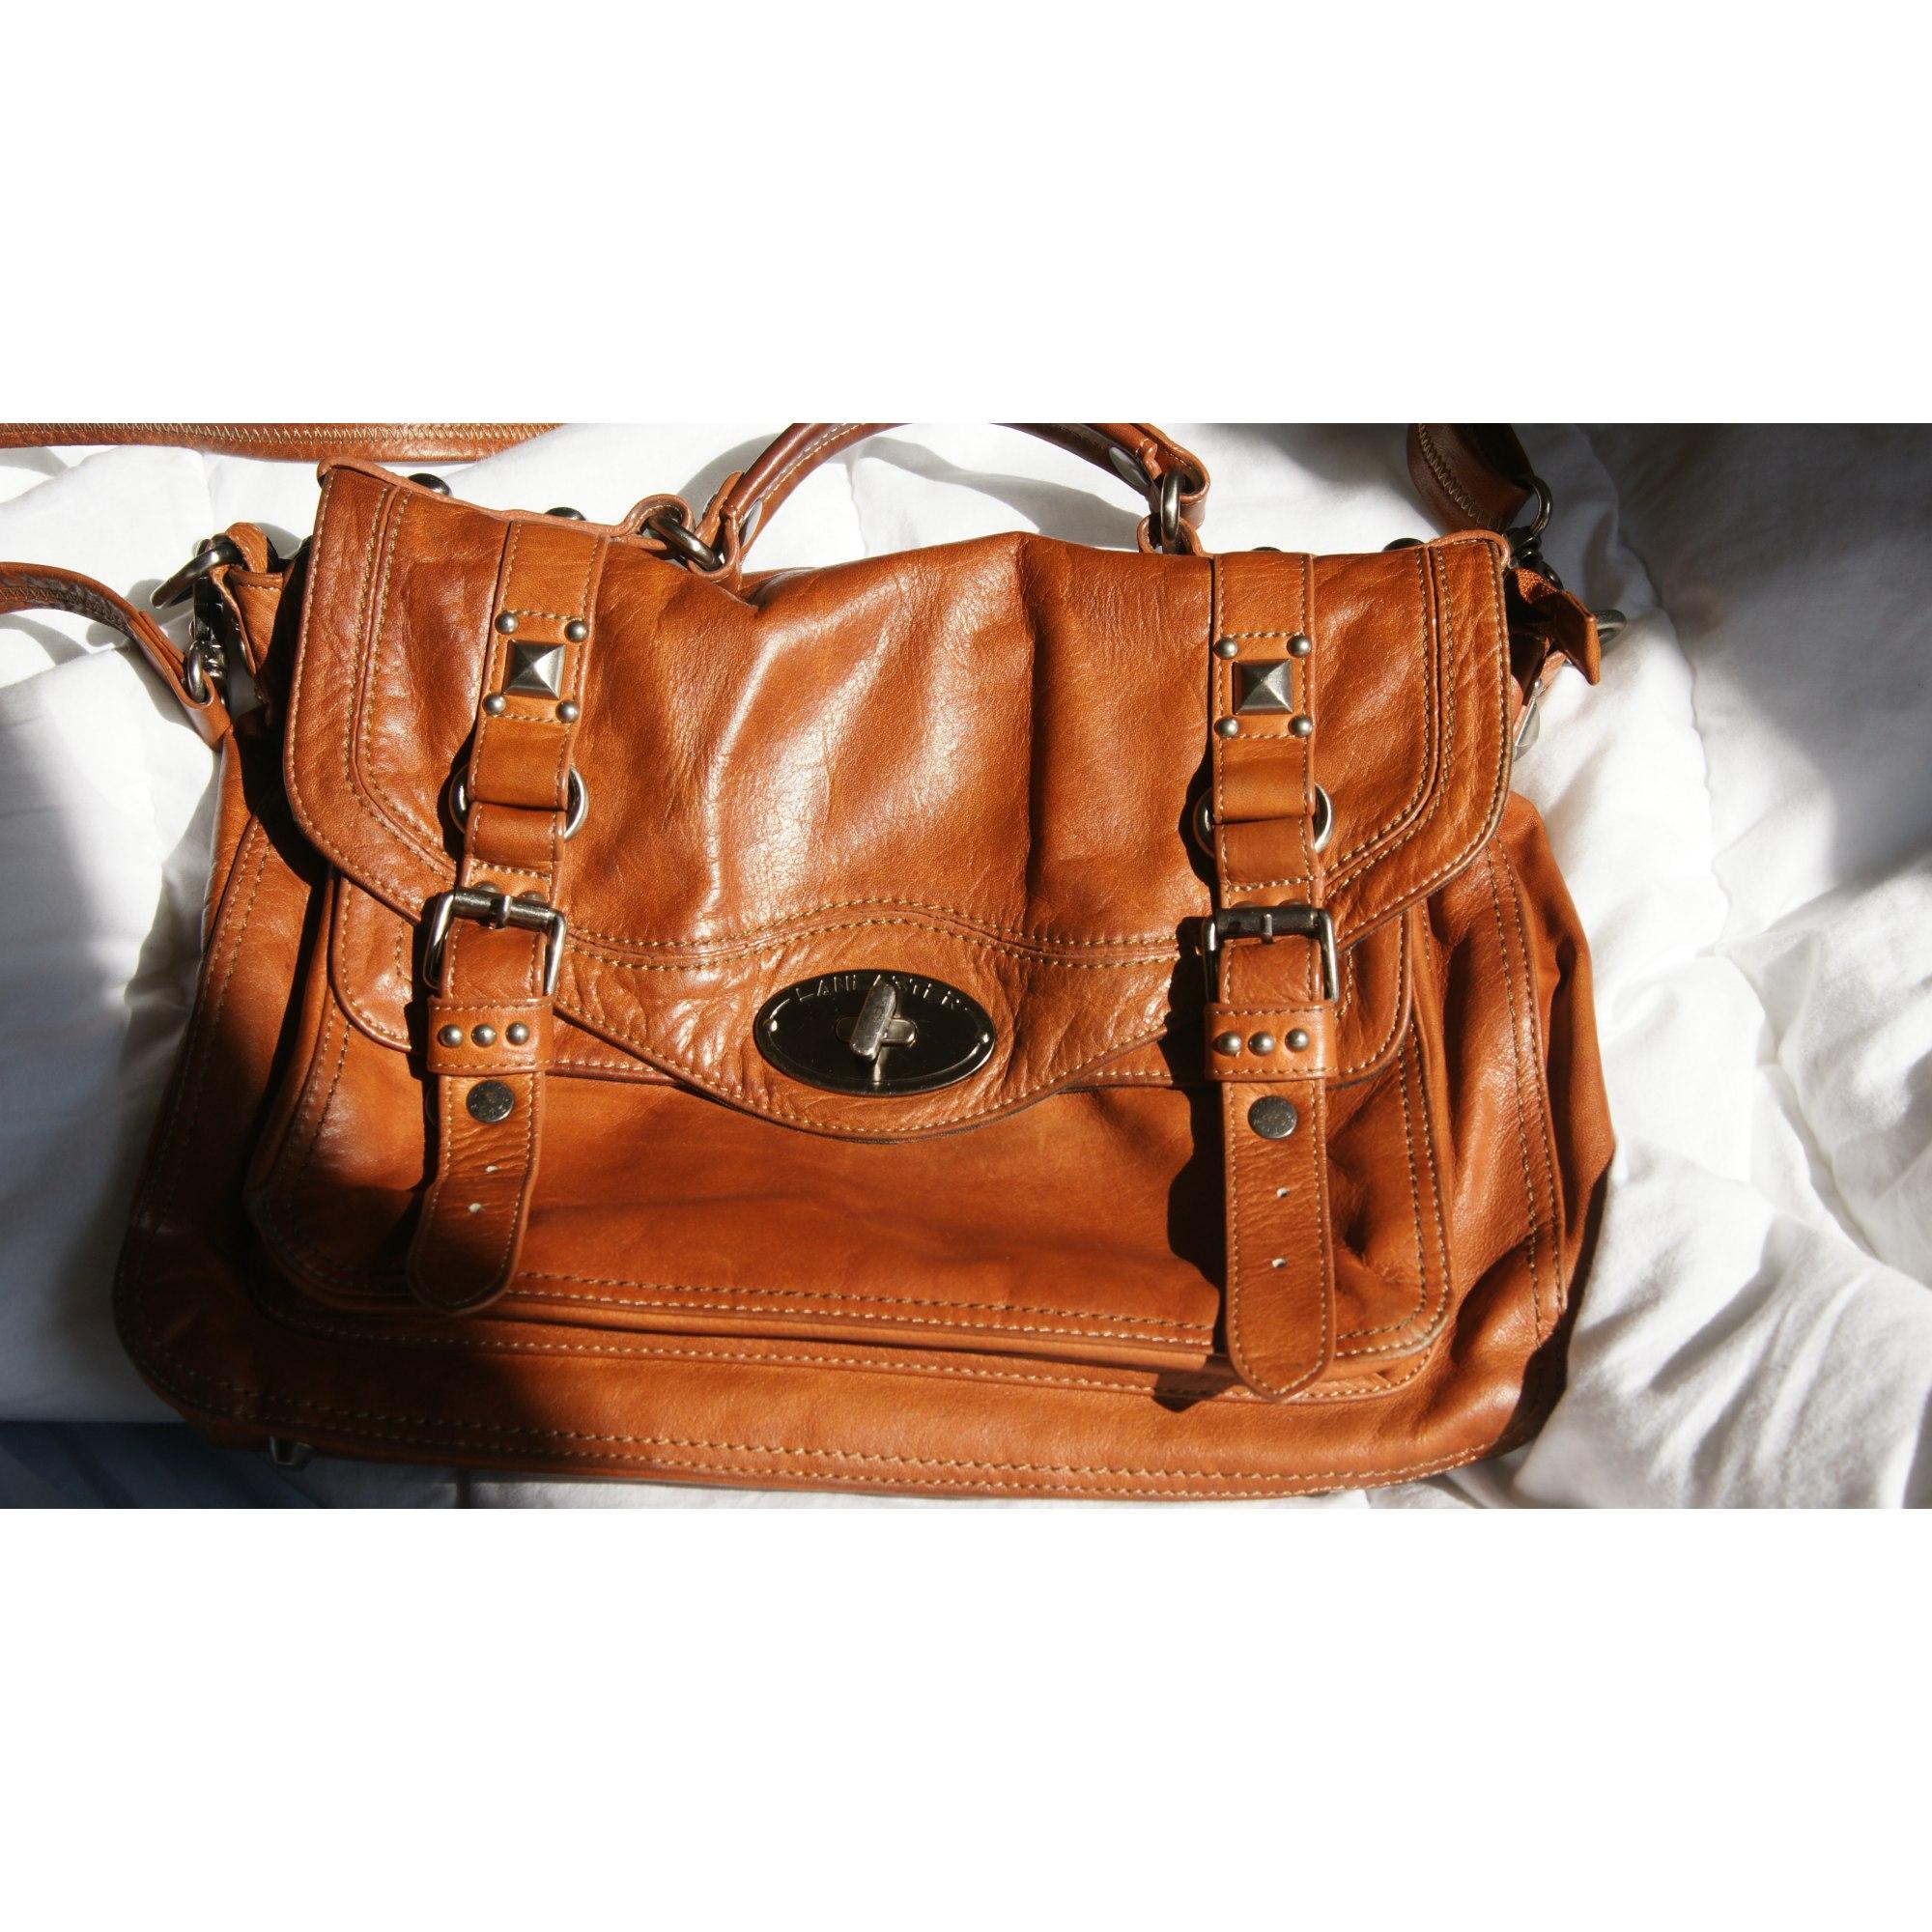 143d7a7227 Sac en bandoulière en cuir LANCASTER marron vendu par Anatolelouise ...